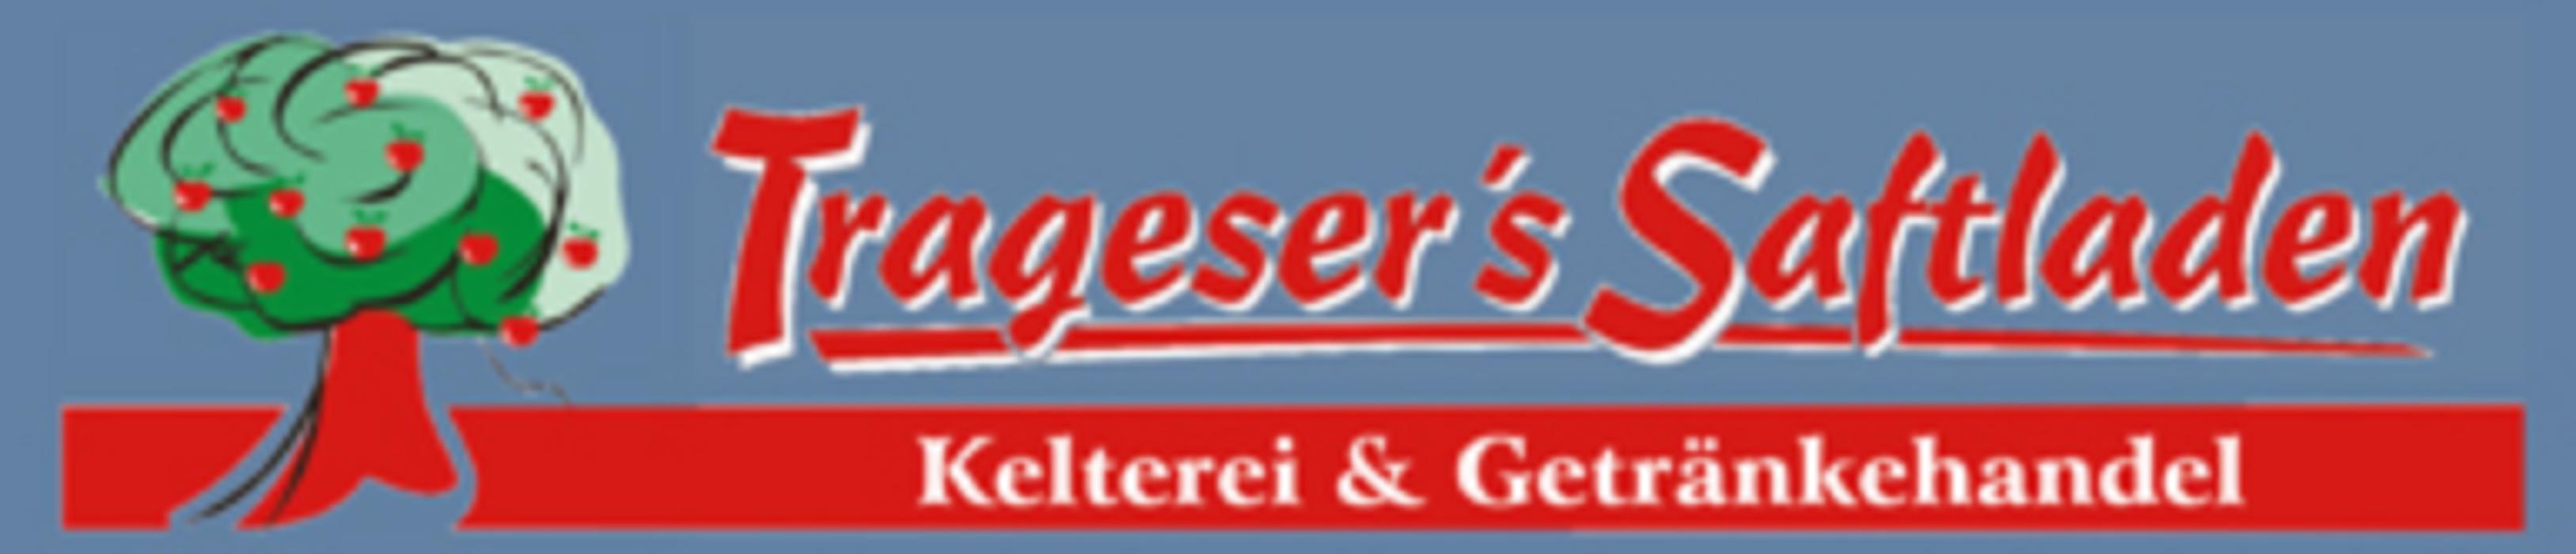 Getraenke Abholmaerkte Einzelhandel Geiselbach (63826) - YellowMap